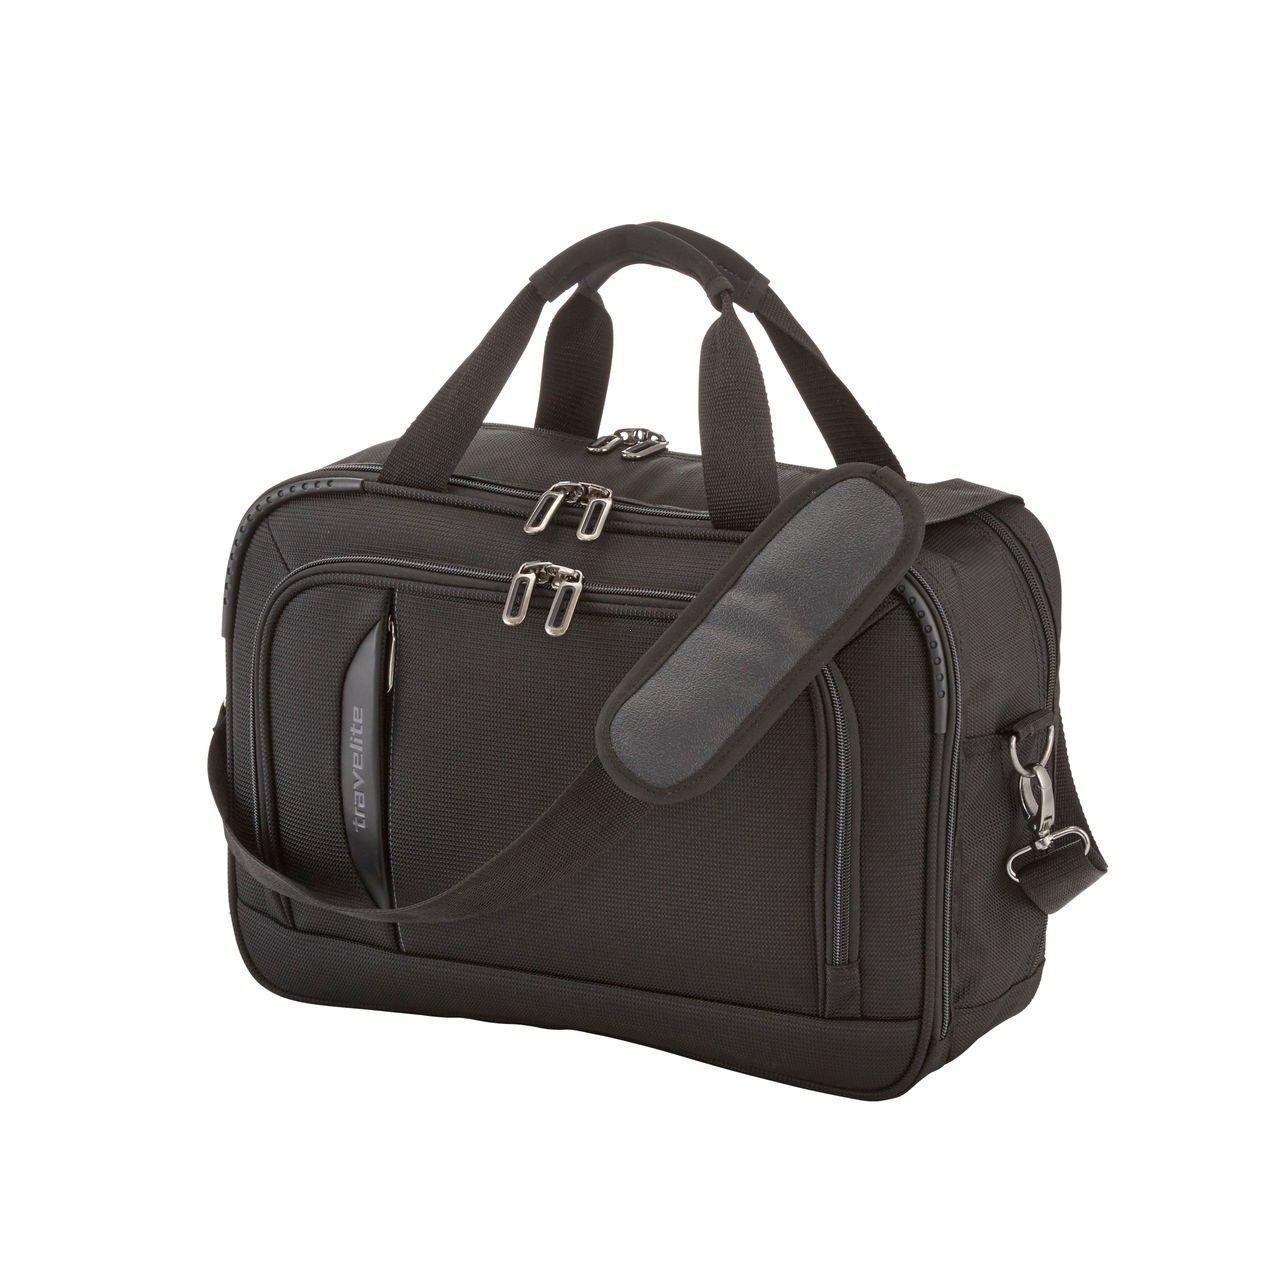 c4a1a14d5b527 ... Travelite CrossLITE Komplet 3 walizek i torba podręczna czarny ...